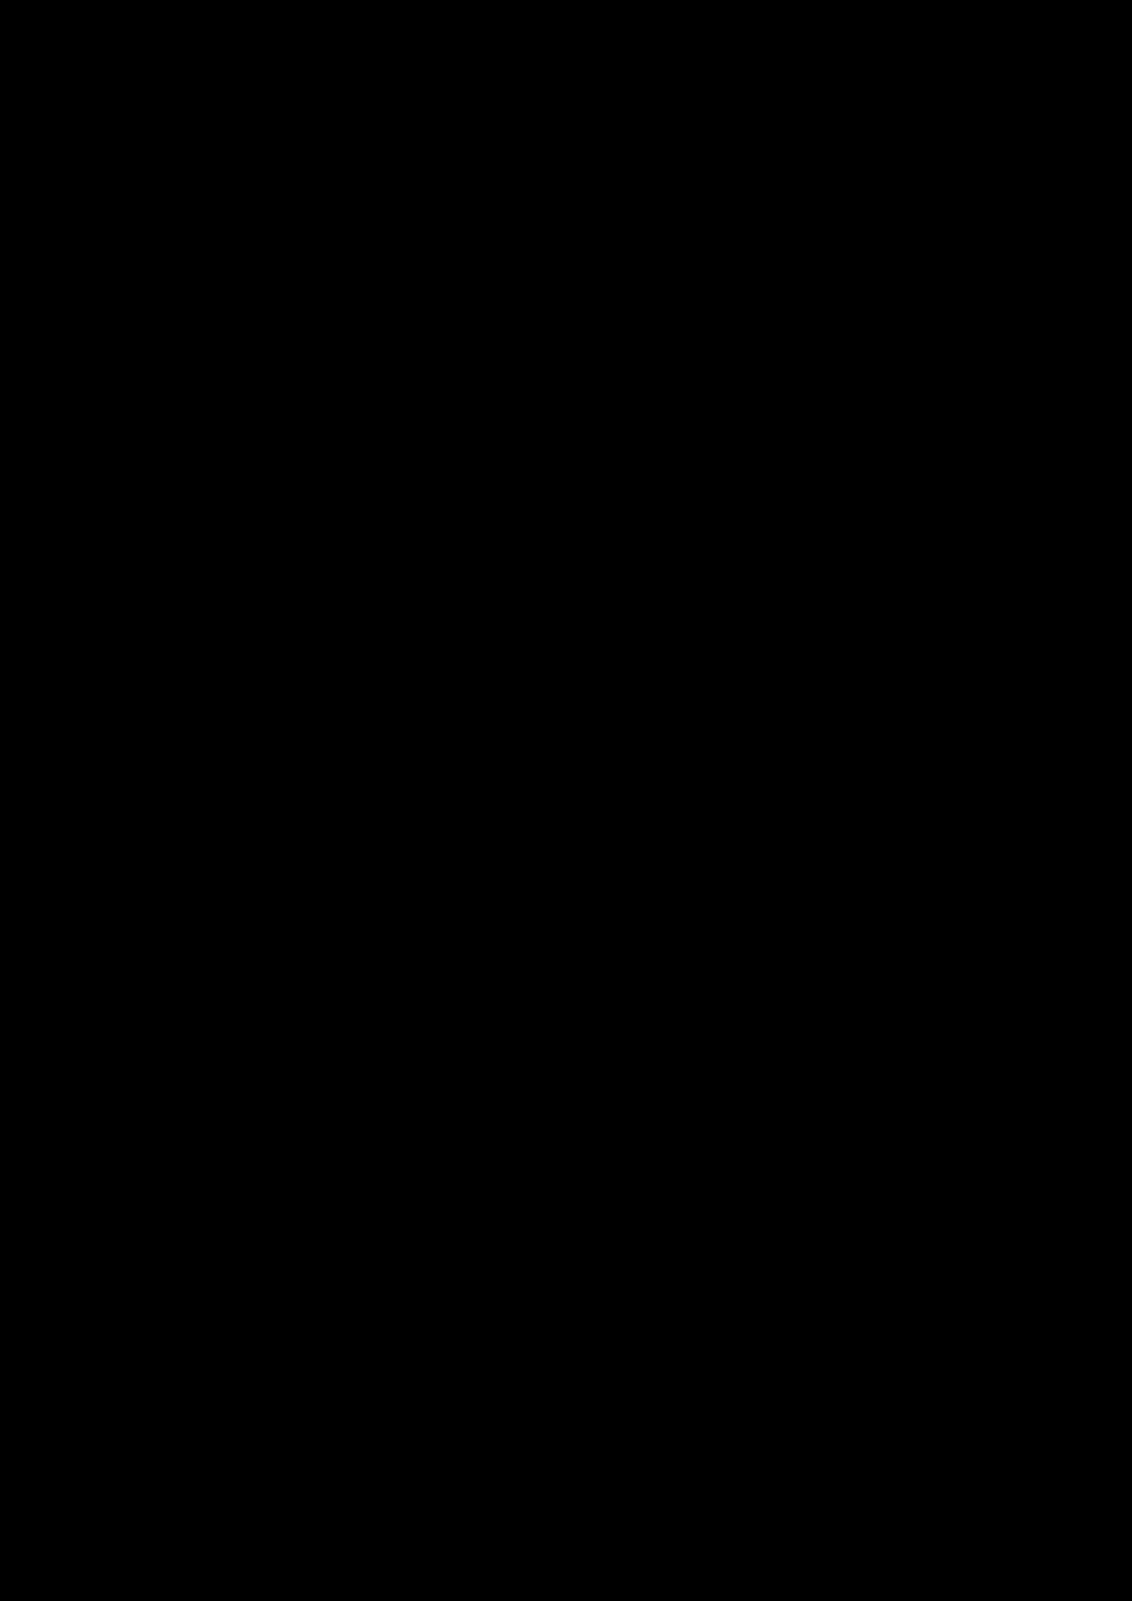 Serdtse slide, Image 24